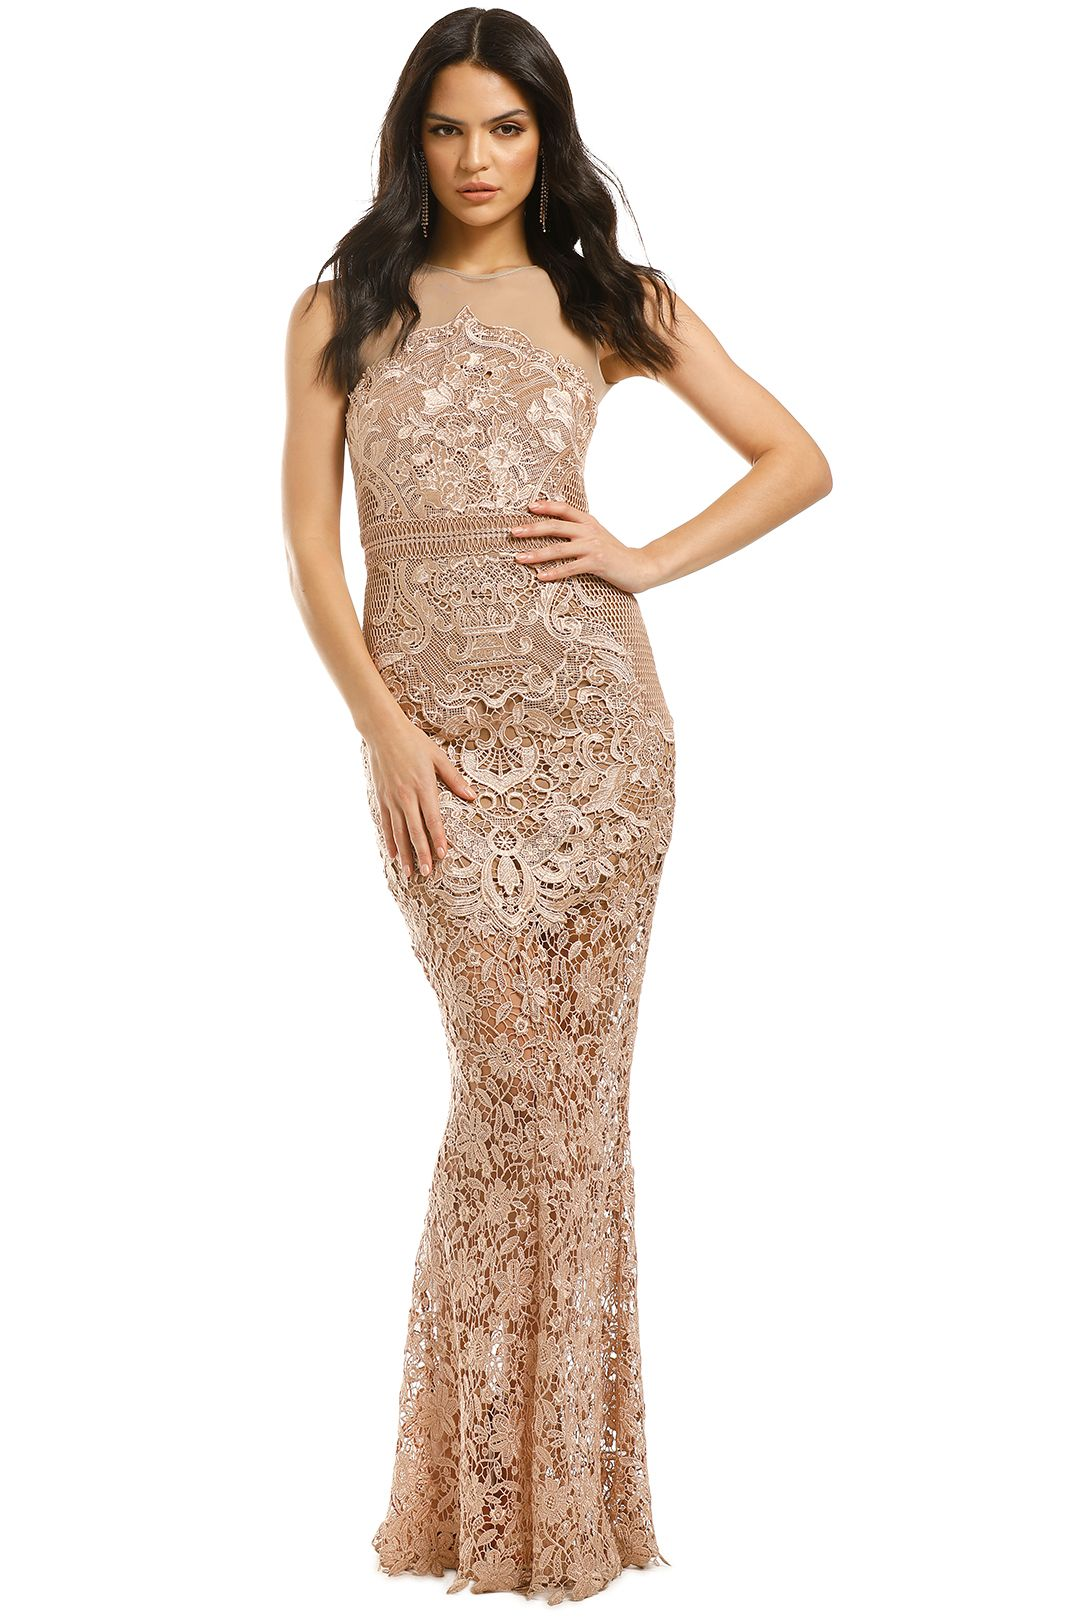 Grace-and-Hart-Renaissance-Gown-Blush-Front